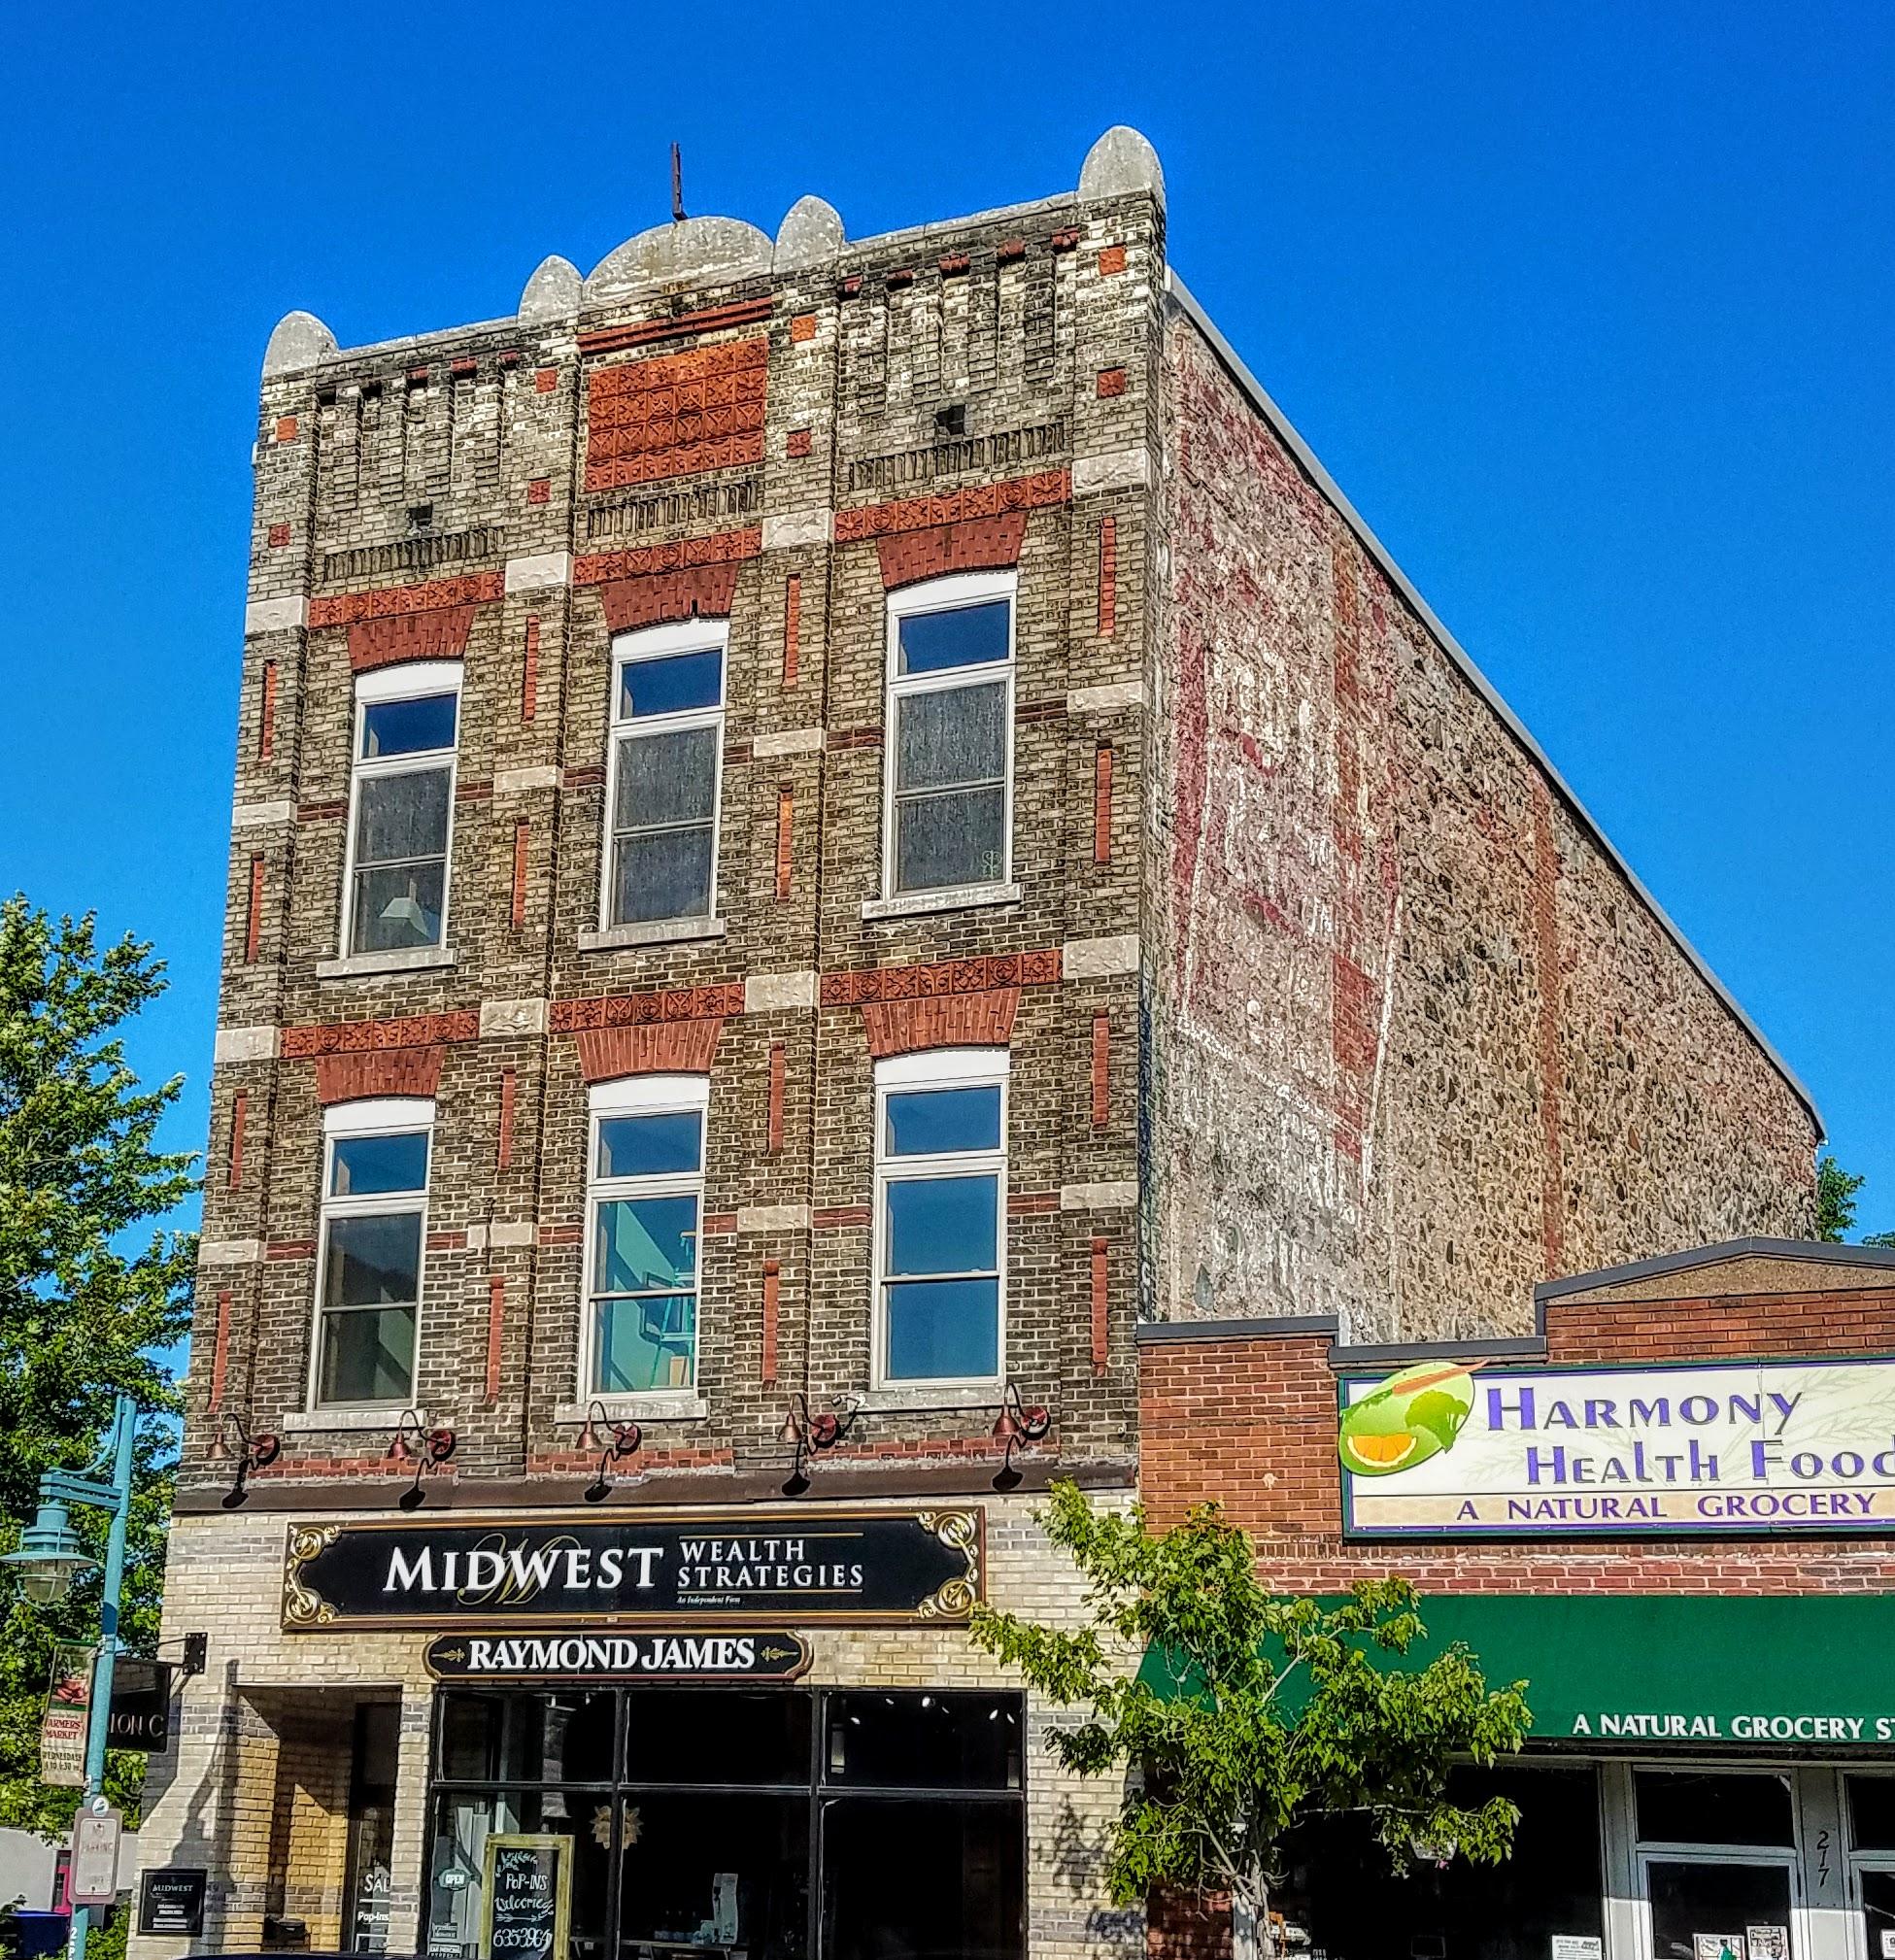 Love the old brick buildings of Sault Ste. Marie, MI